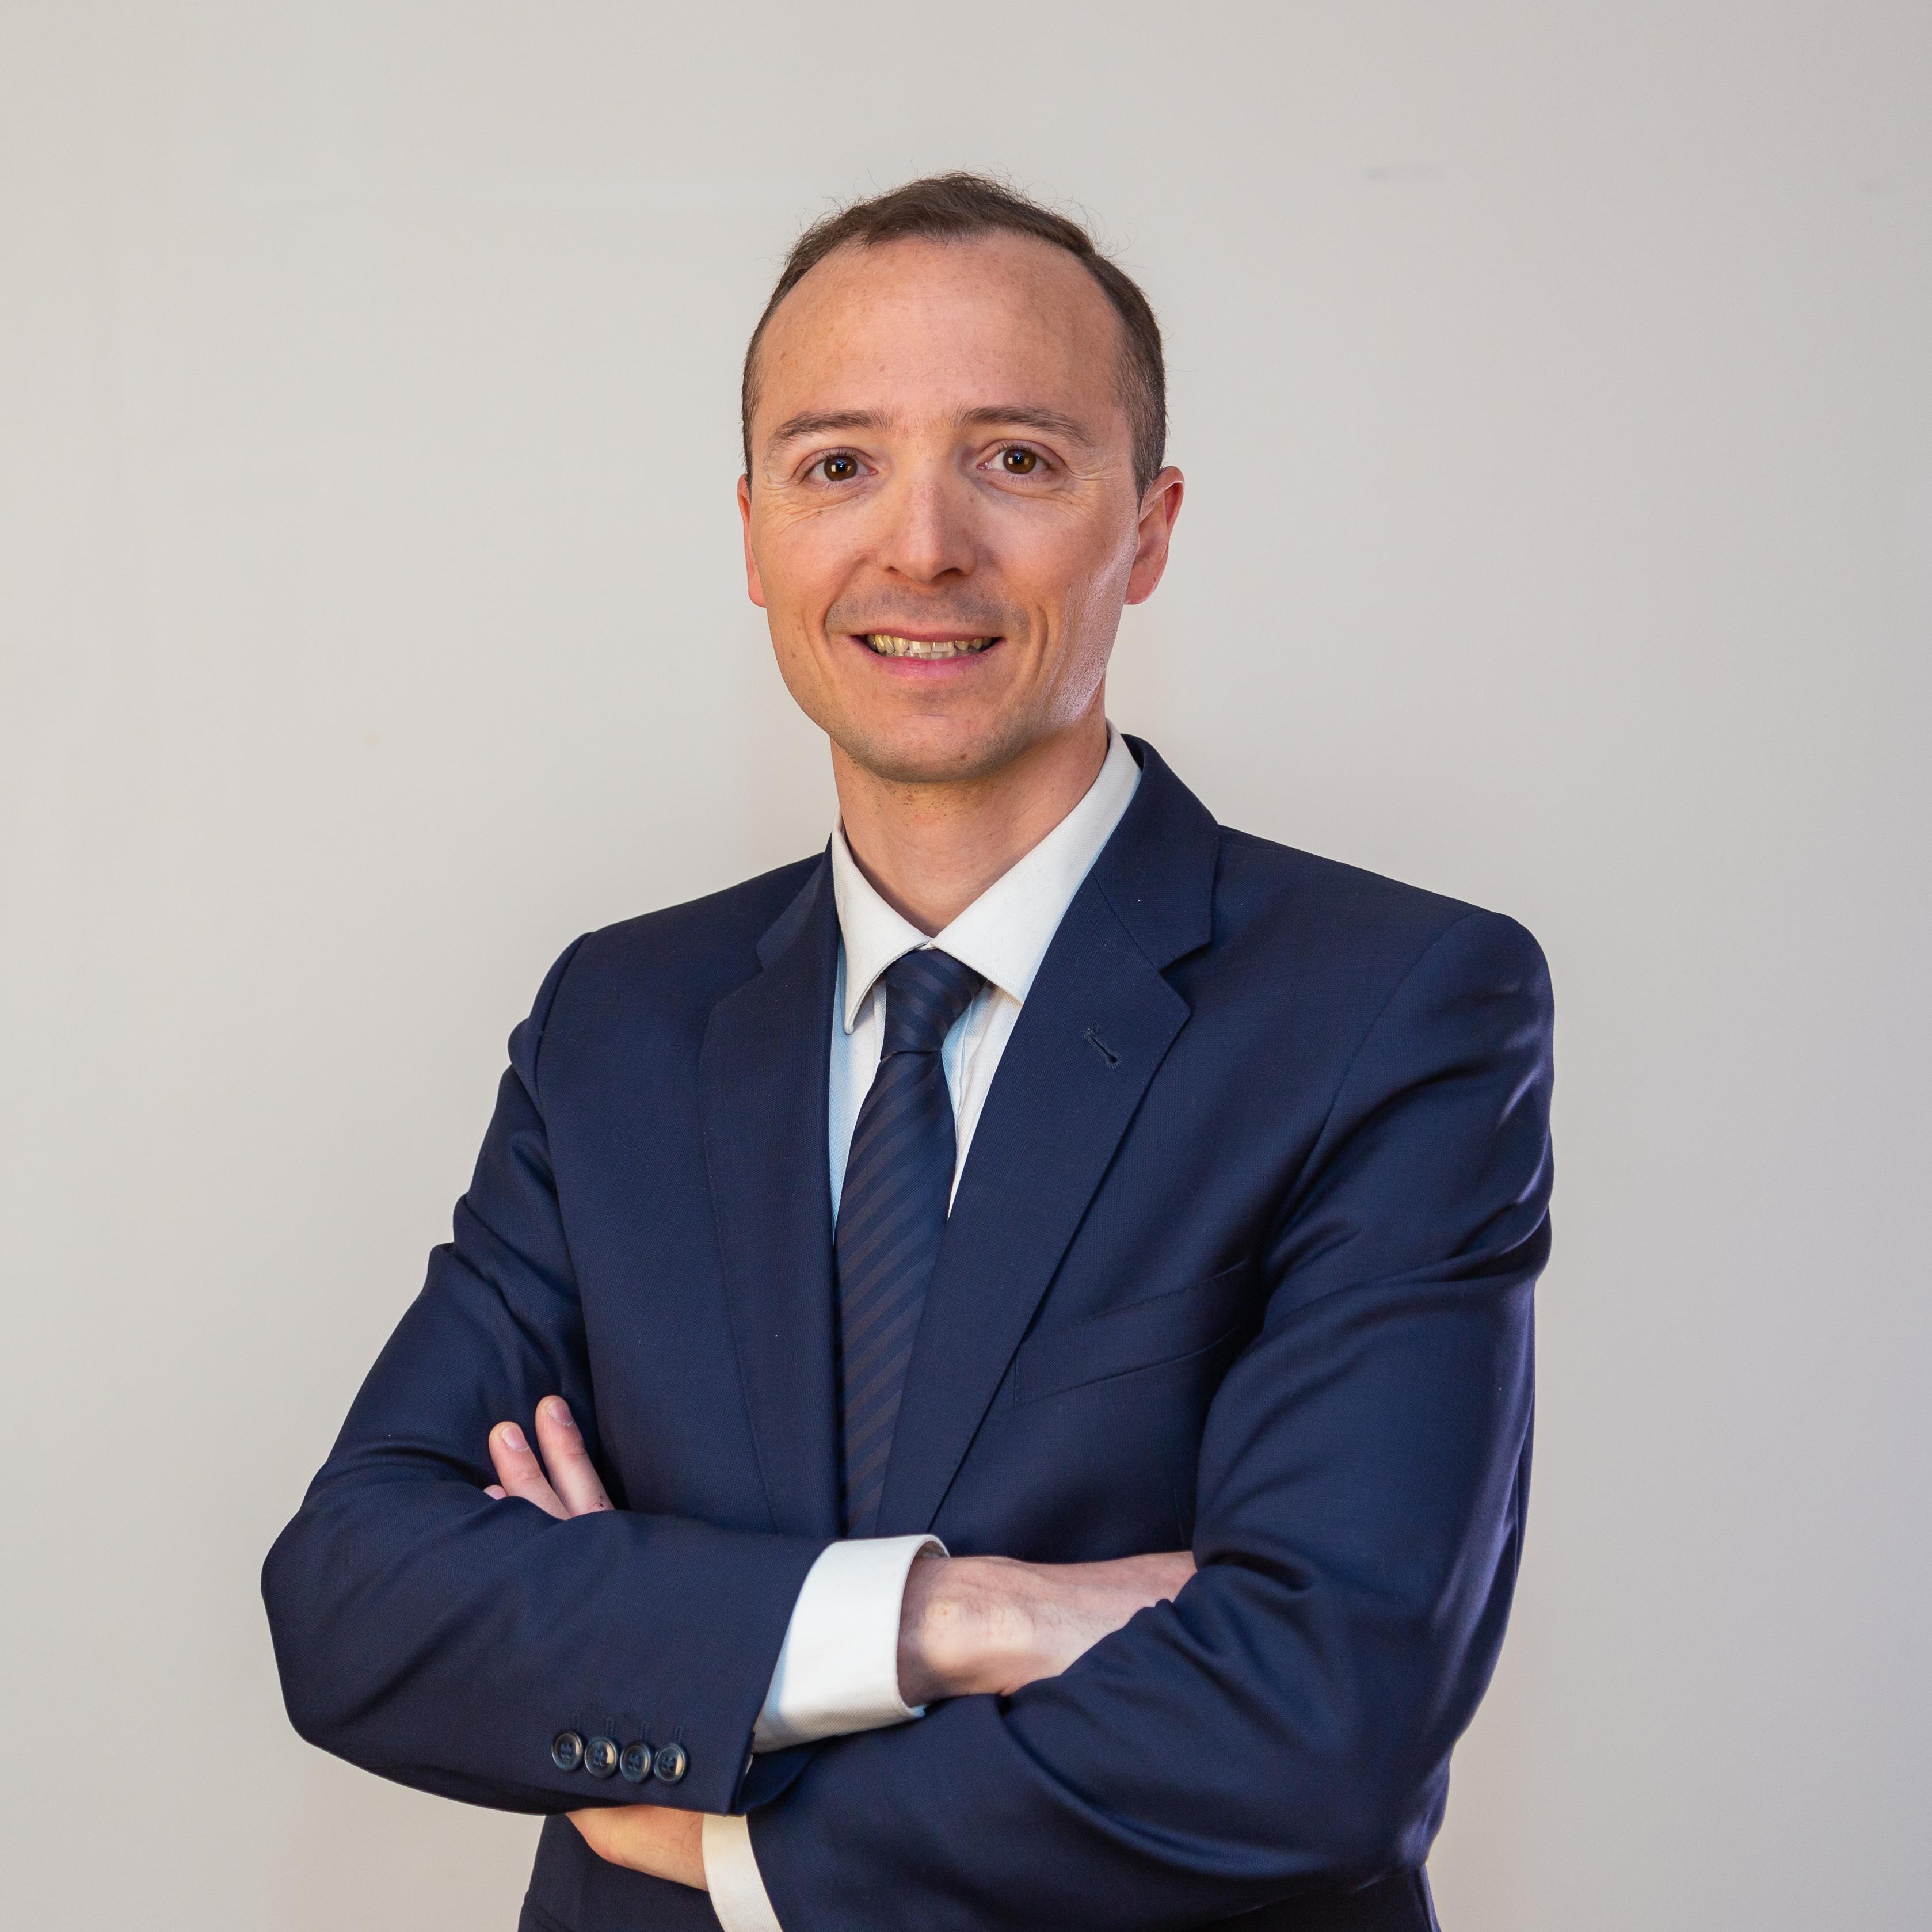 Grégoire Leclercq, Directeur général délégué EBP